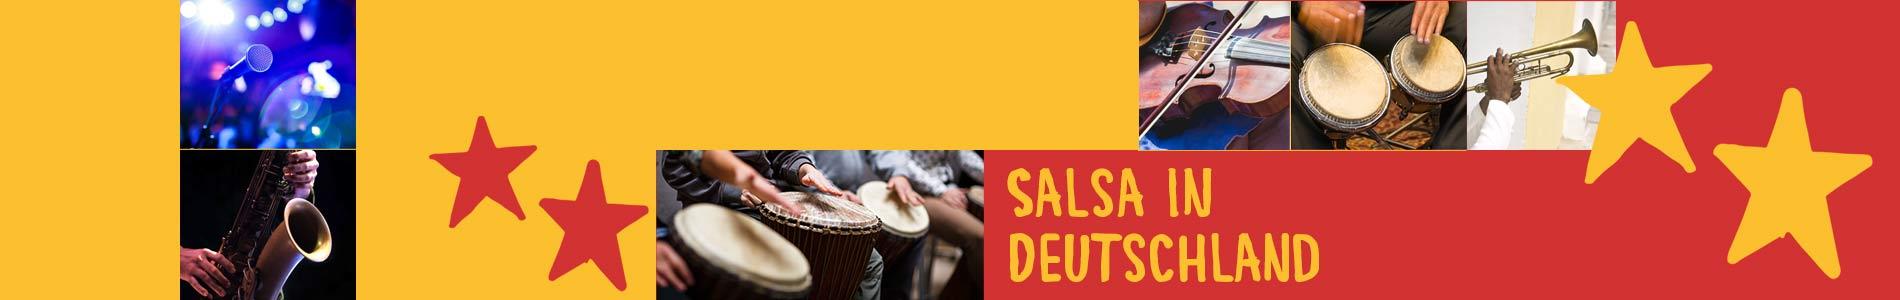 Salsa in Busdorf – Salsa lernen und tanzen, Tanzkurse, Partys, Veranstaltungen